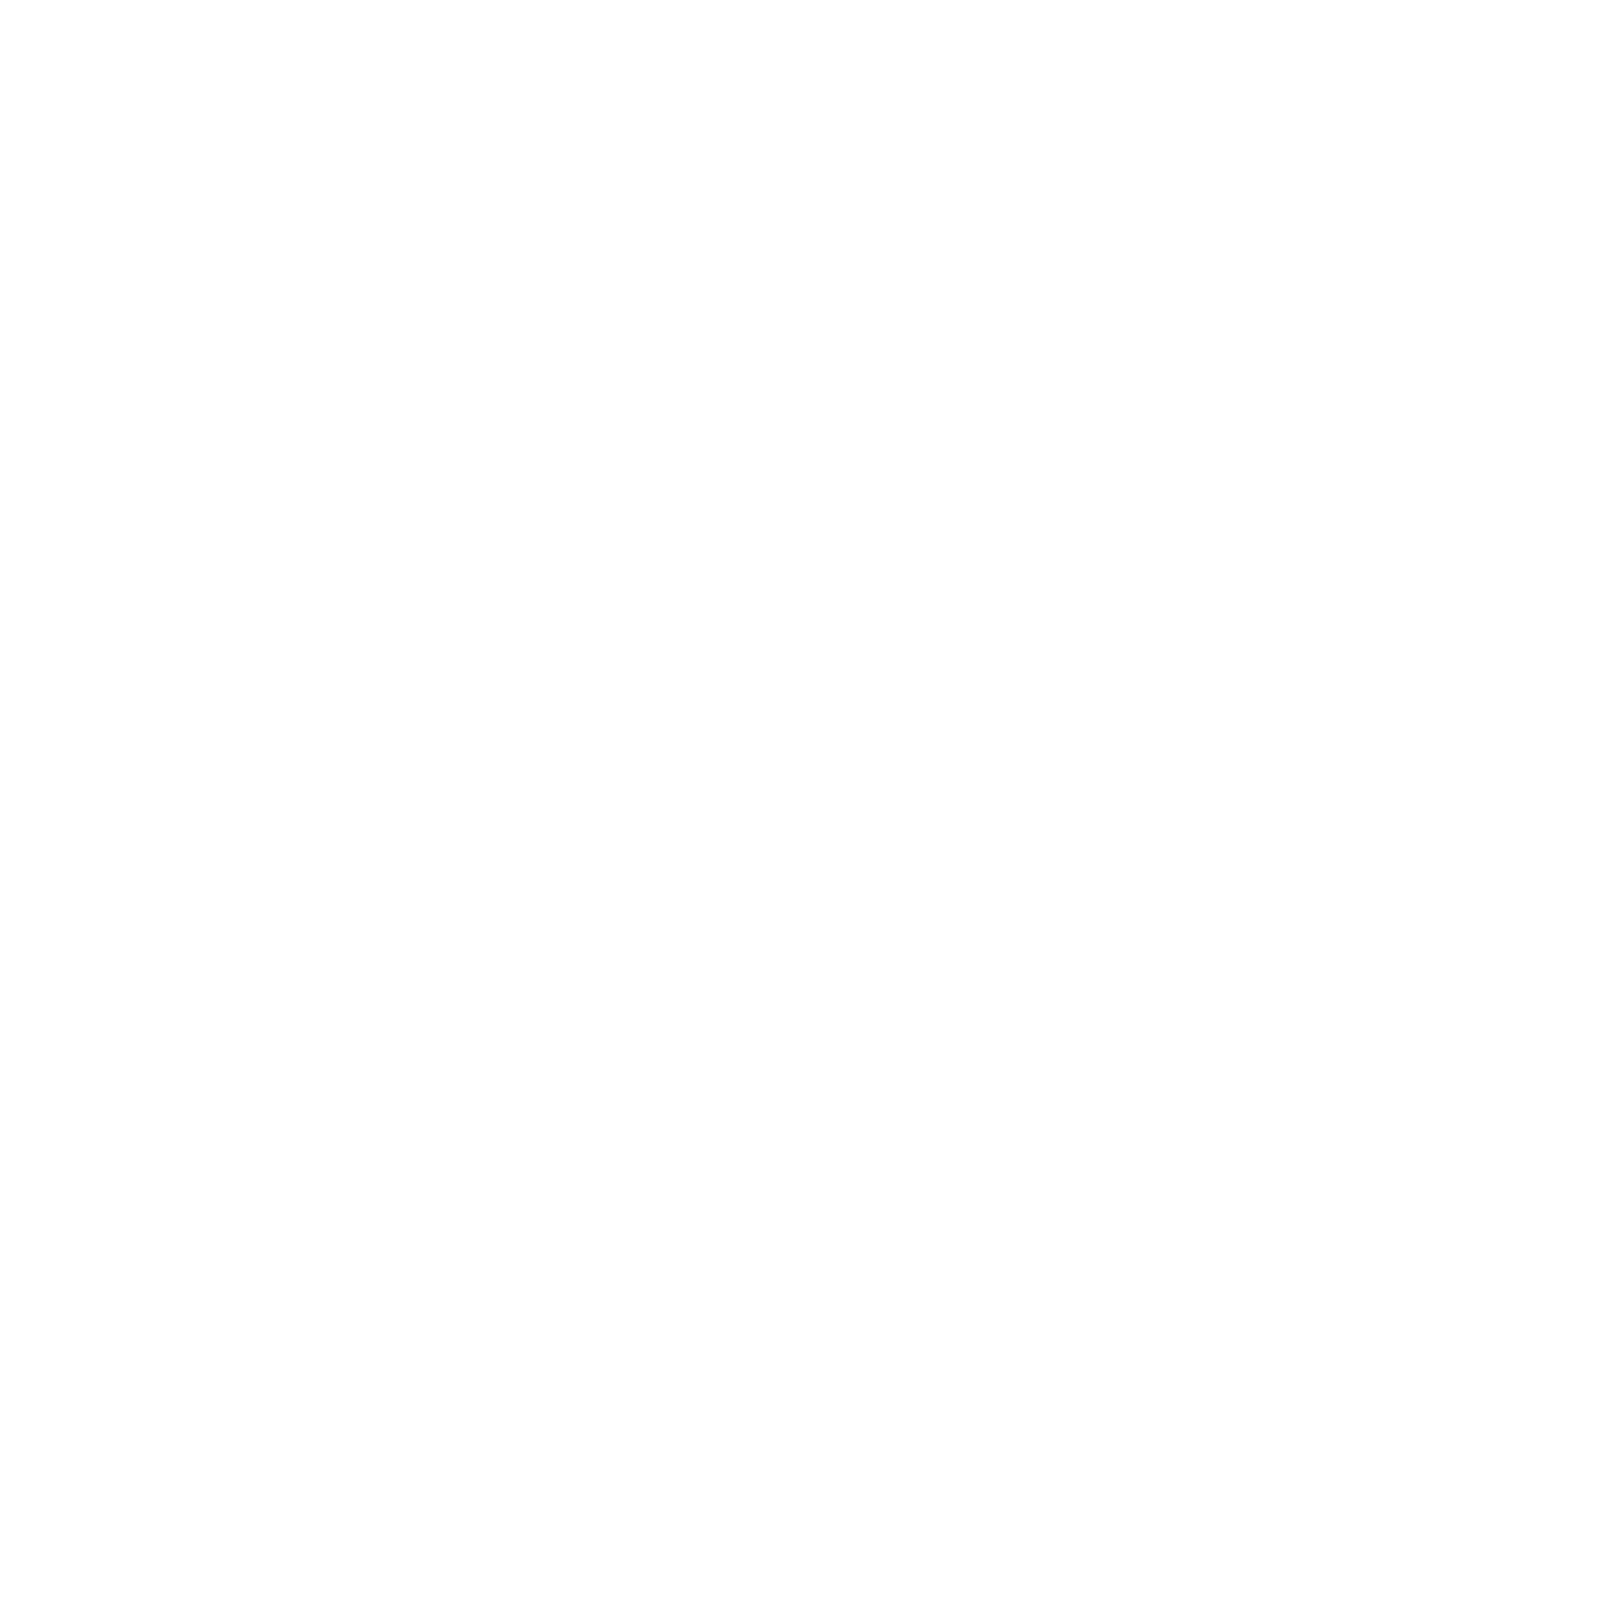 BCSArtboard 1 copy 3Partner Logos.png